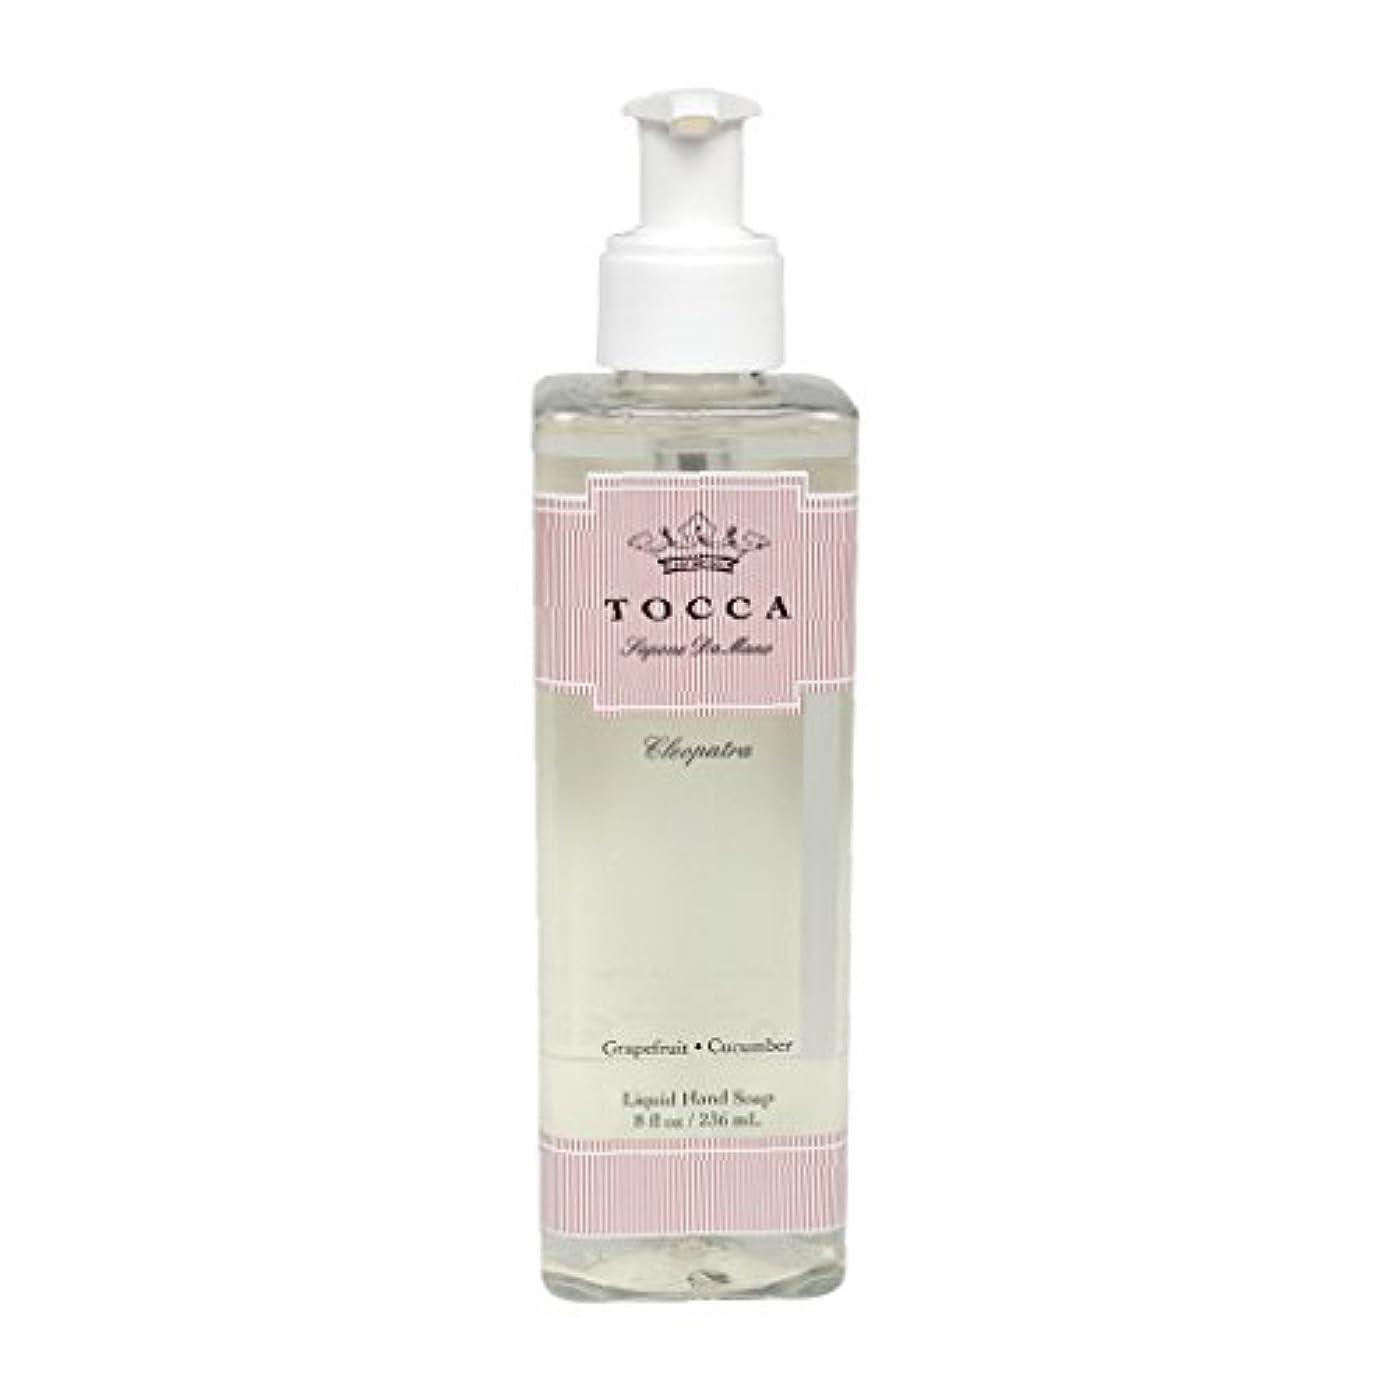 息を切らして槍すきトッカ(TOCCA) ハンドソープ クレオパトラの香り 236ml(手洗用 ポンプタイプ グレープフルーツとキューカンバーのフレッシュでクリーンな香り)